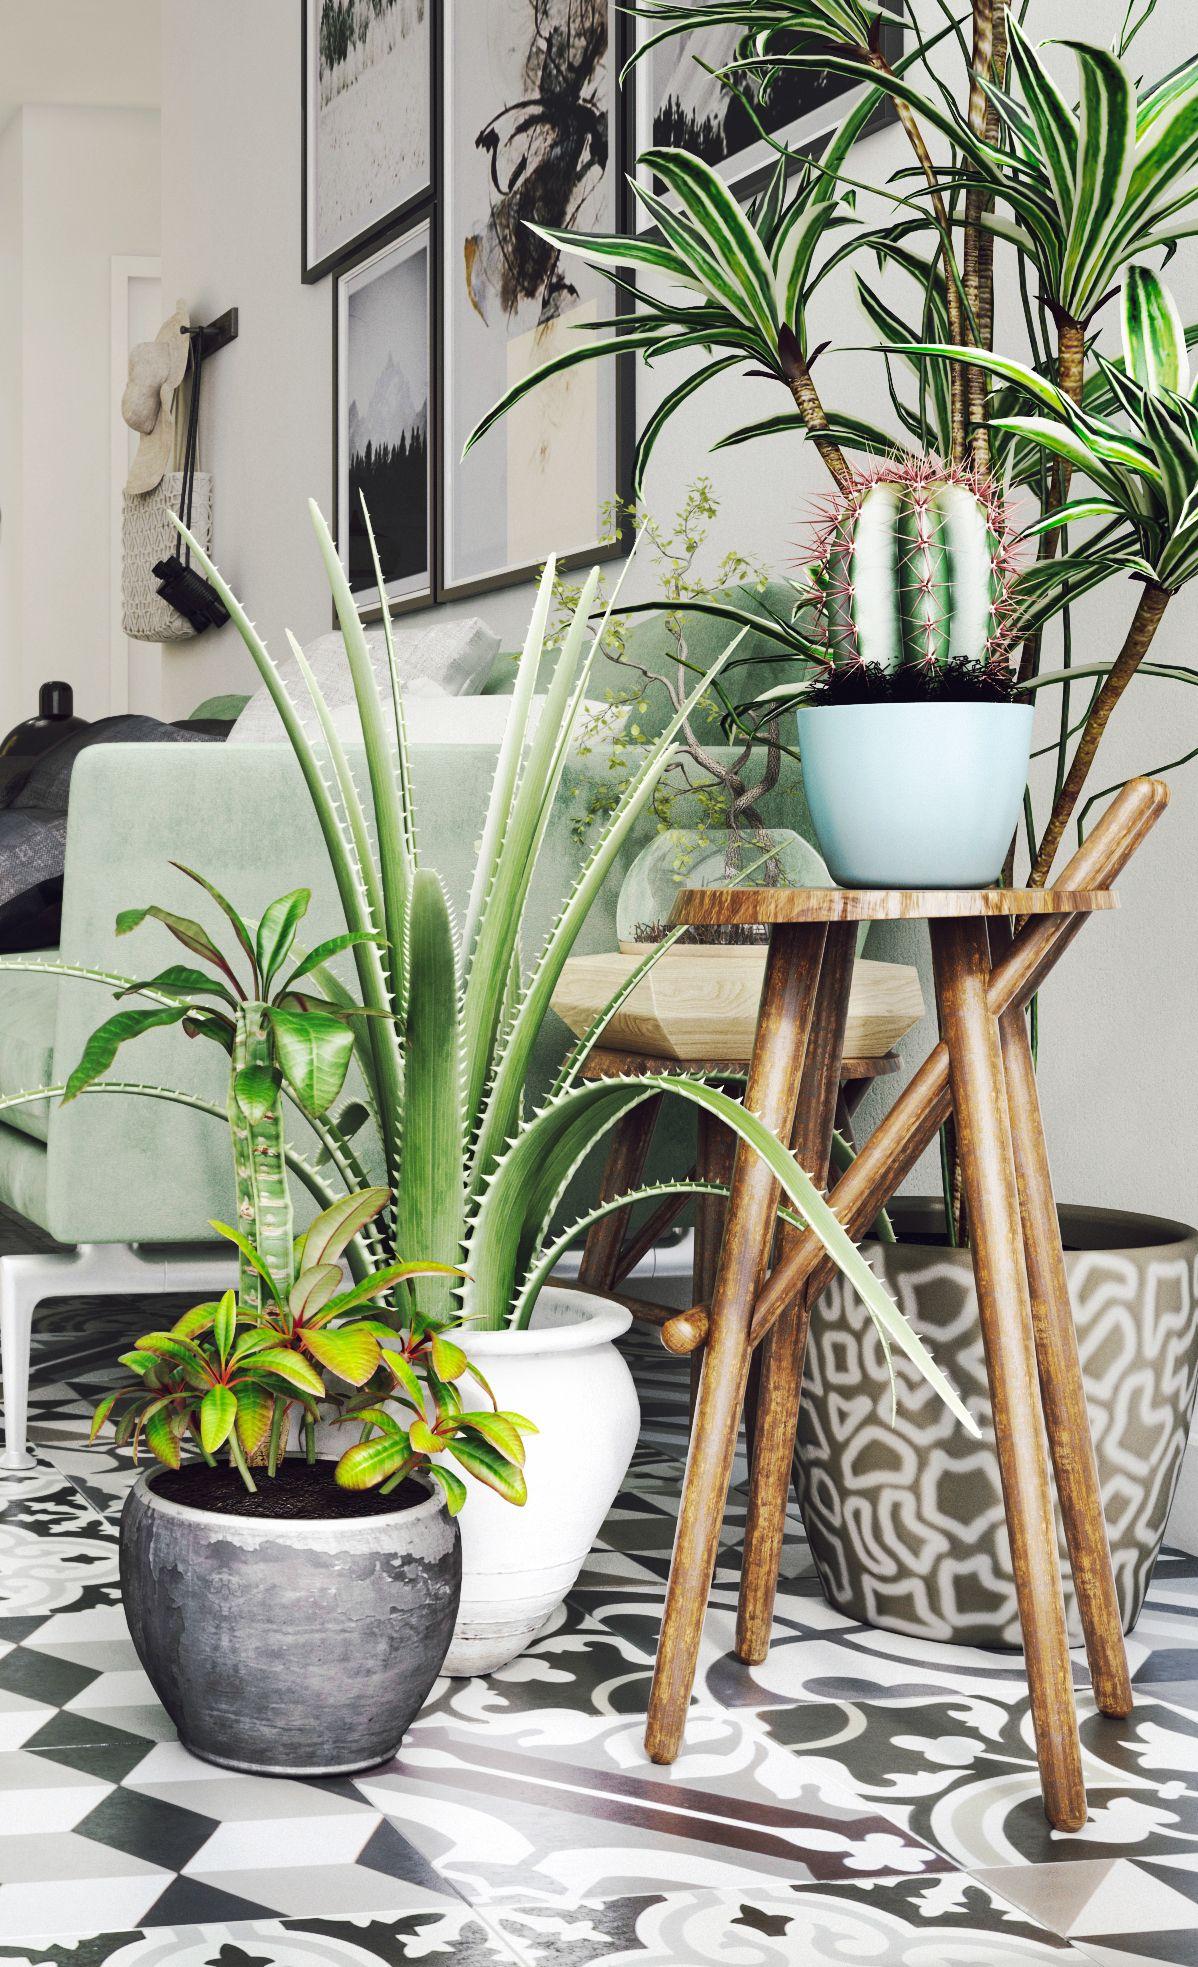 salon botanique accumulation de plantes d 39 int rieur pour cr er un d cor v g tal style urban. Black Bedroom Furniture Sets. Home Design Ideas